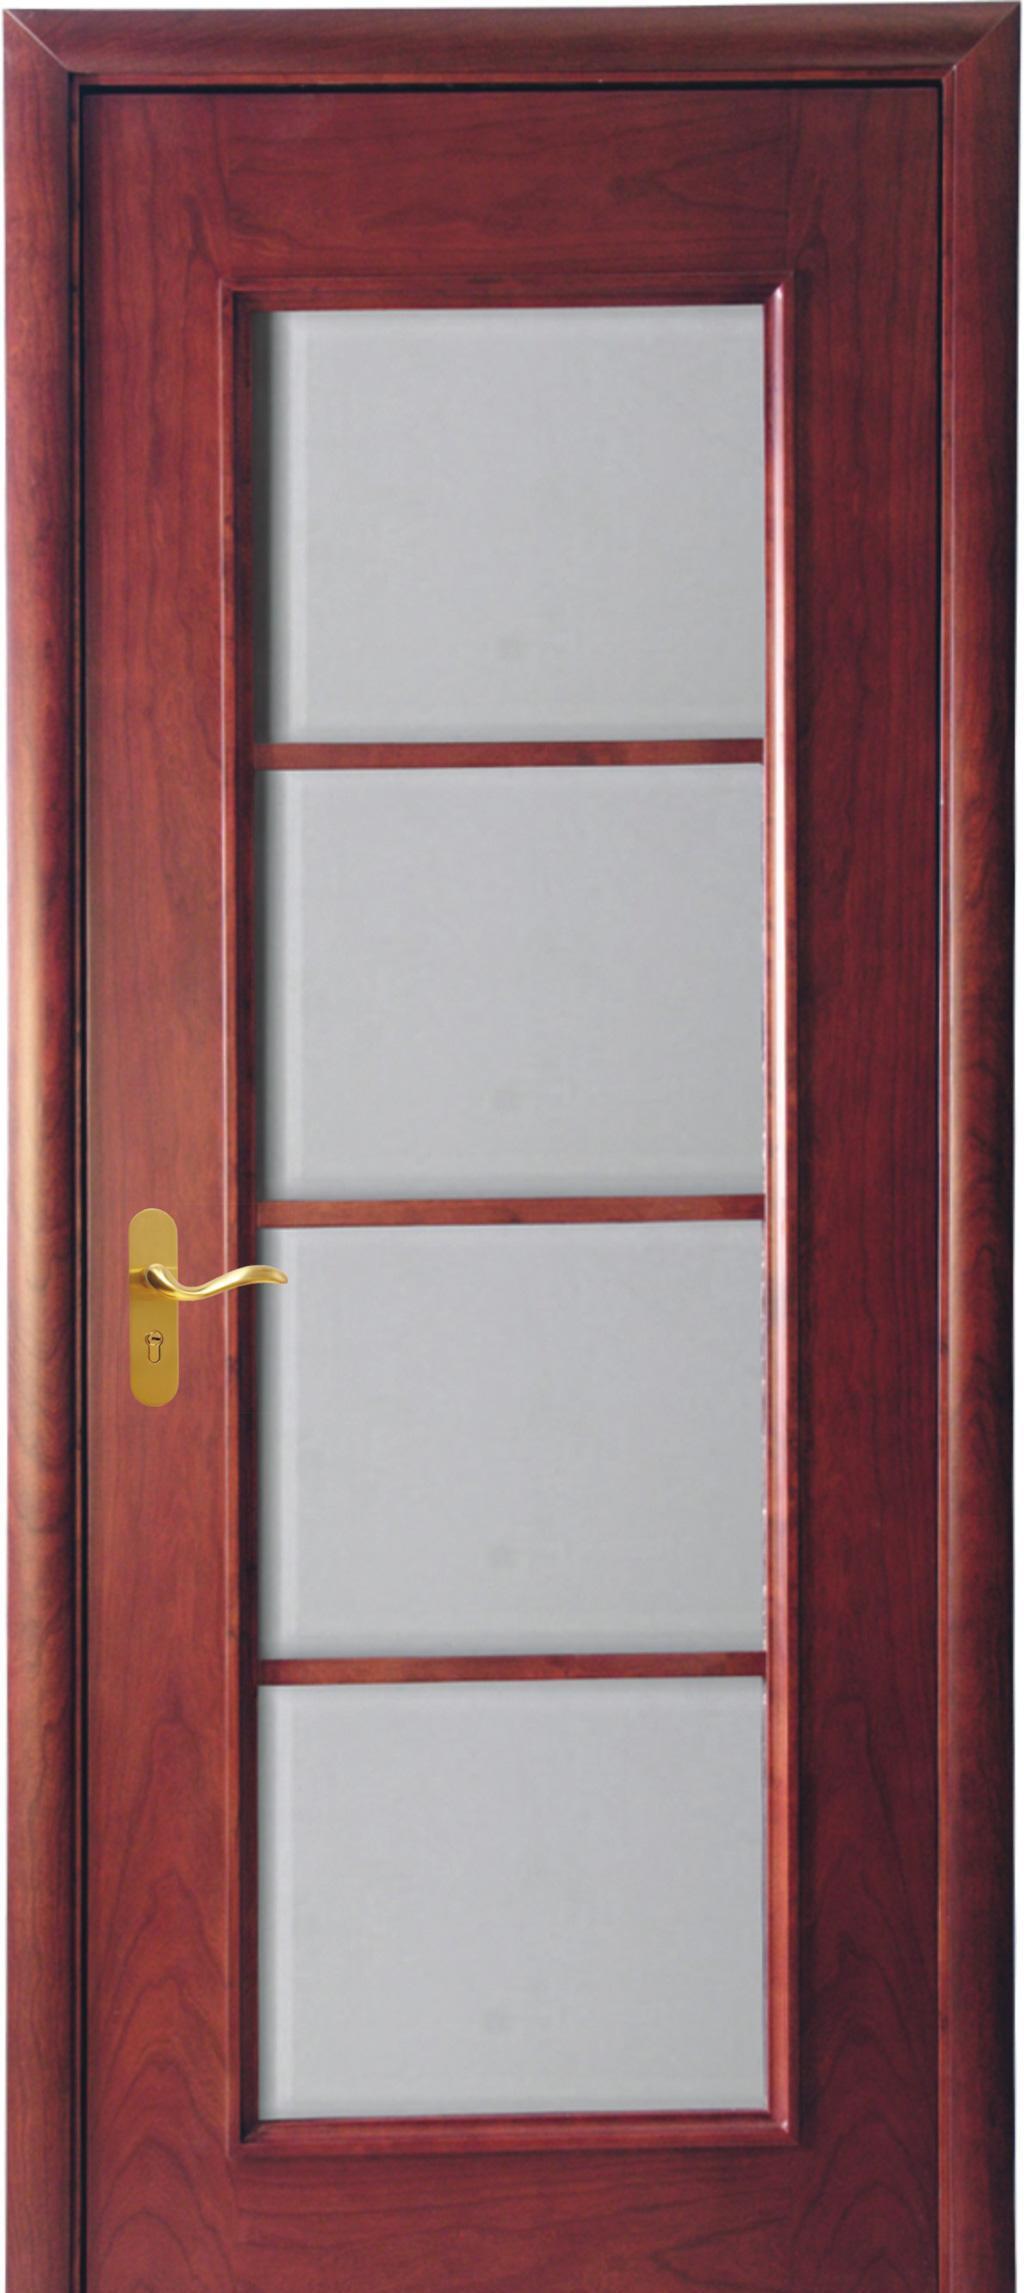 金迪DV01BL-004油漆门